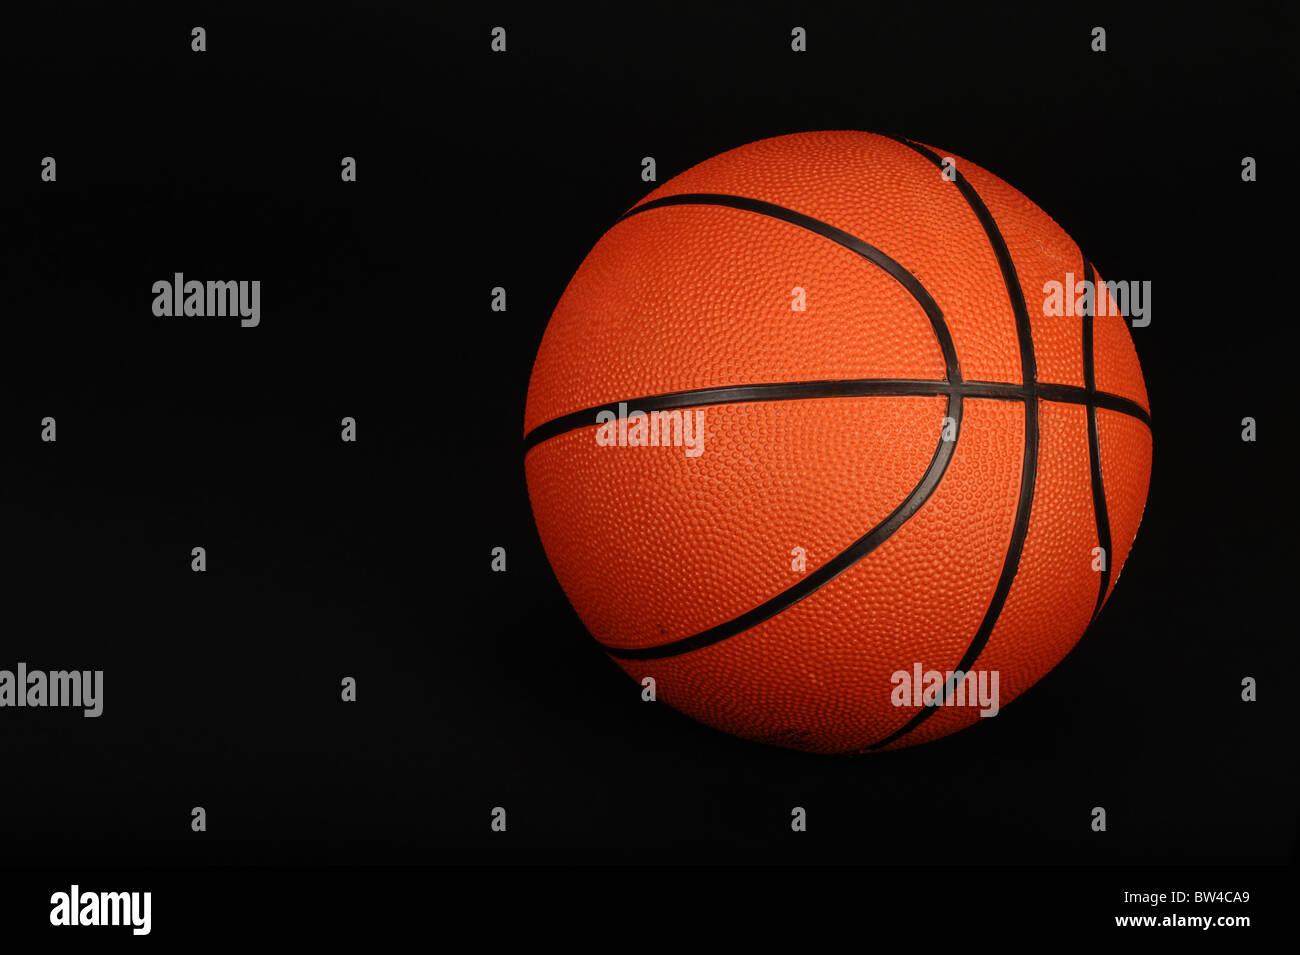 El baloncesto sobre fondo negro listo para su tipo. Imagen De Stock